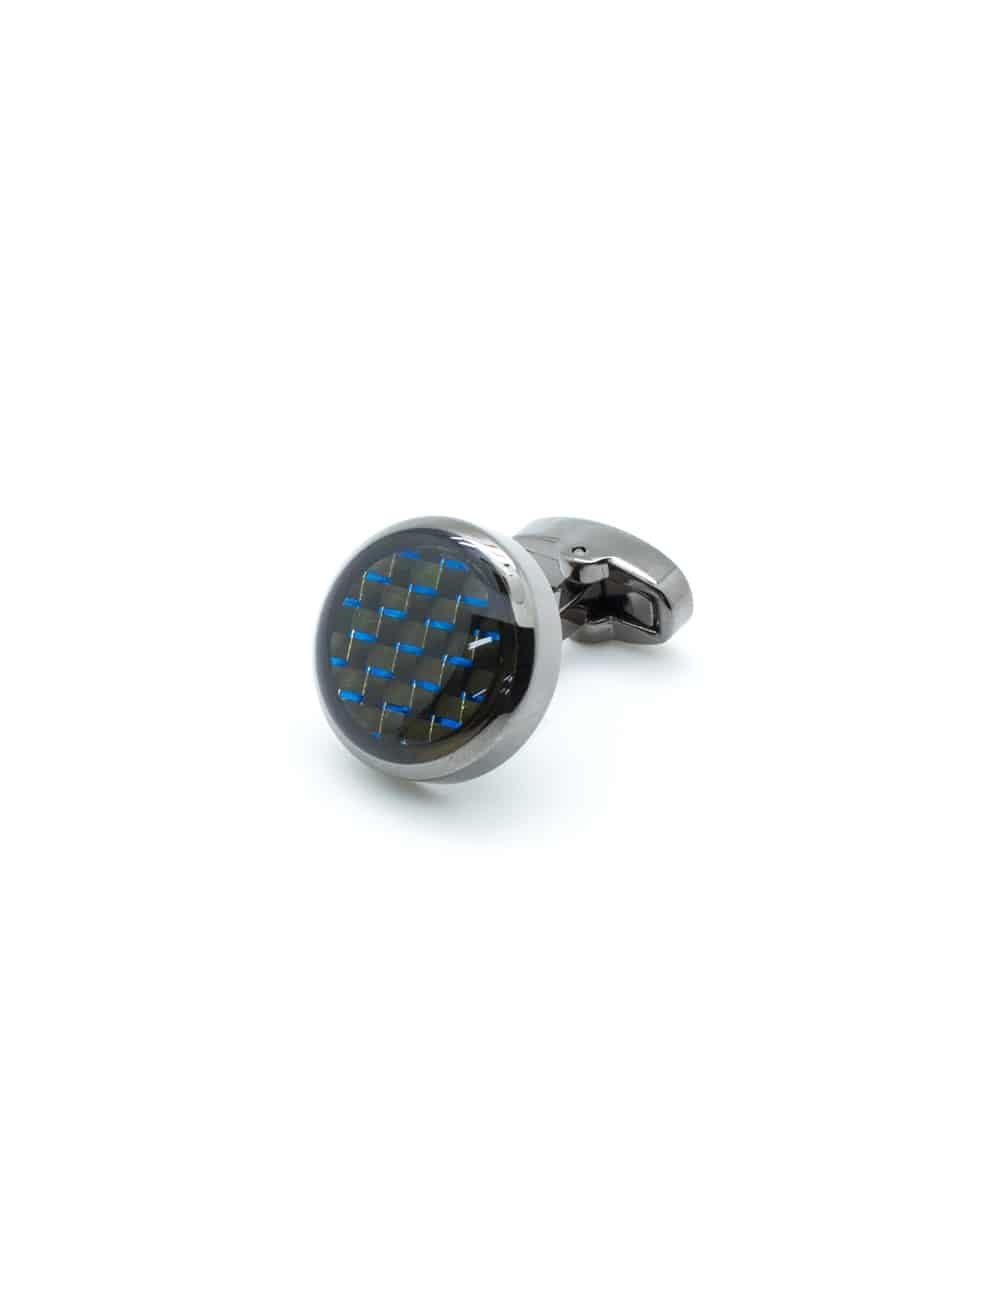 Glossy rhodium enamel circular cufflink with blue carbon accent C111FE-053